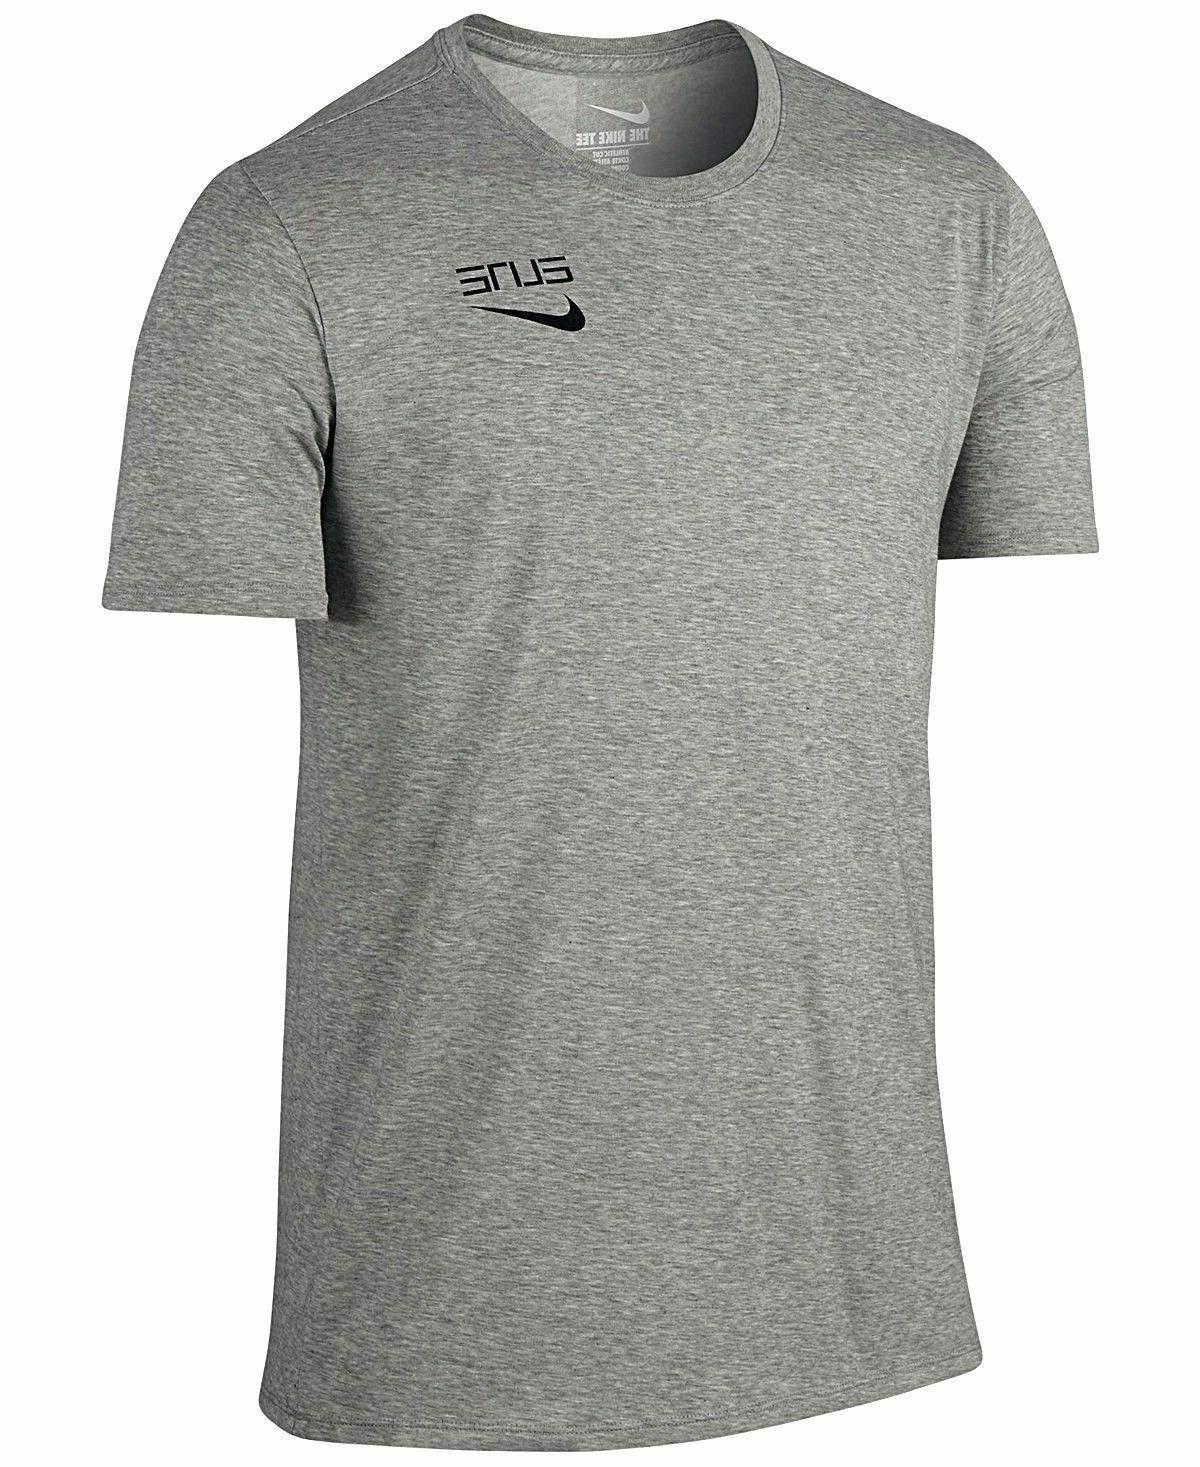 Nike Stripe AJ7511-063